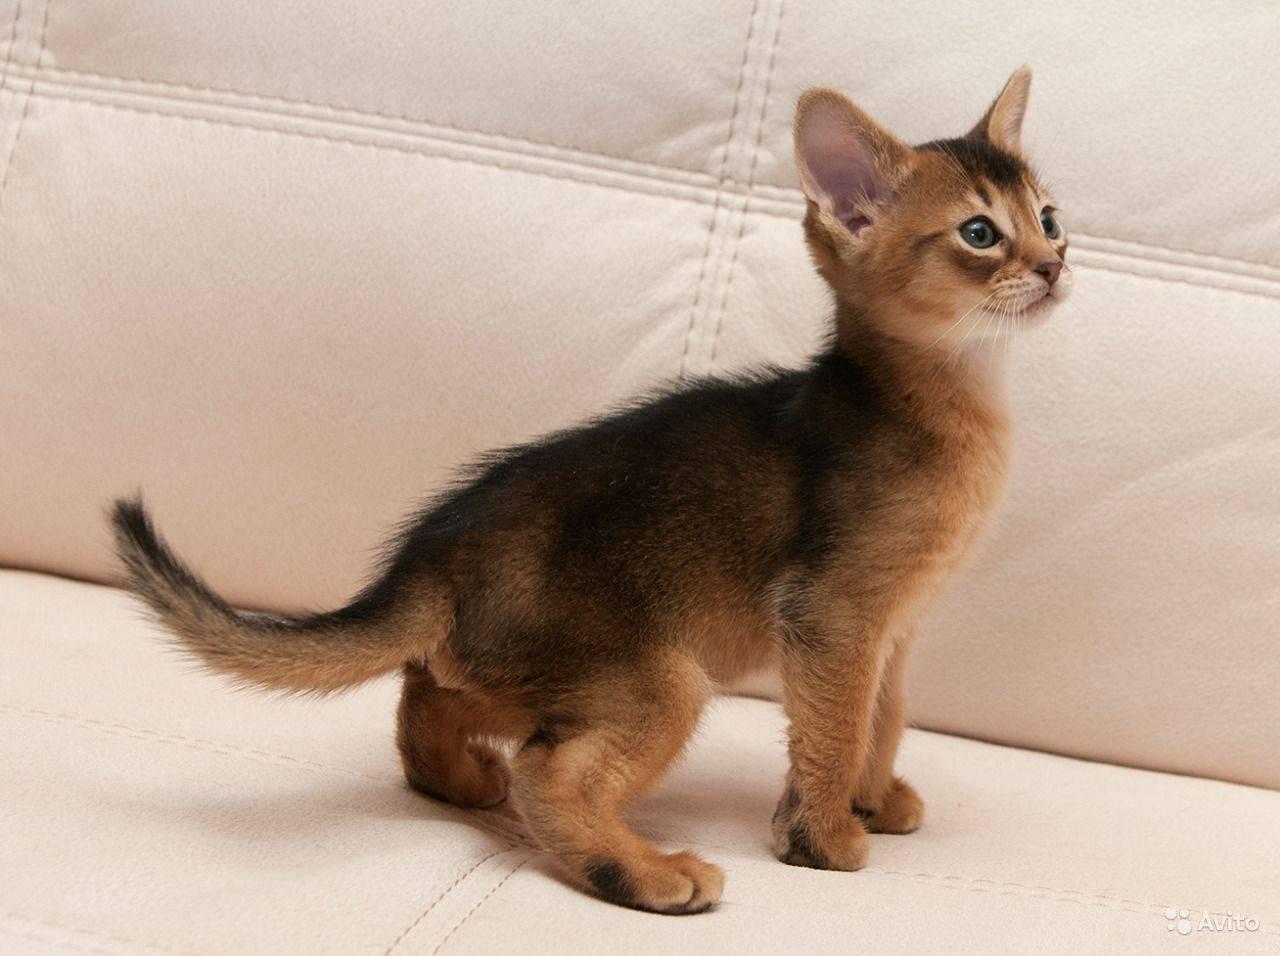 Абиссинская кошка - описание и стандарт породы, характер и особенности поведения, уход в домашних условиях